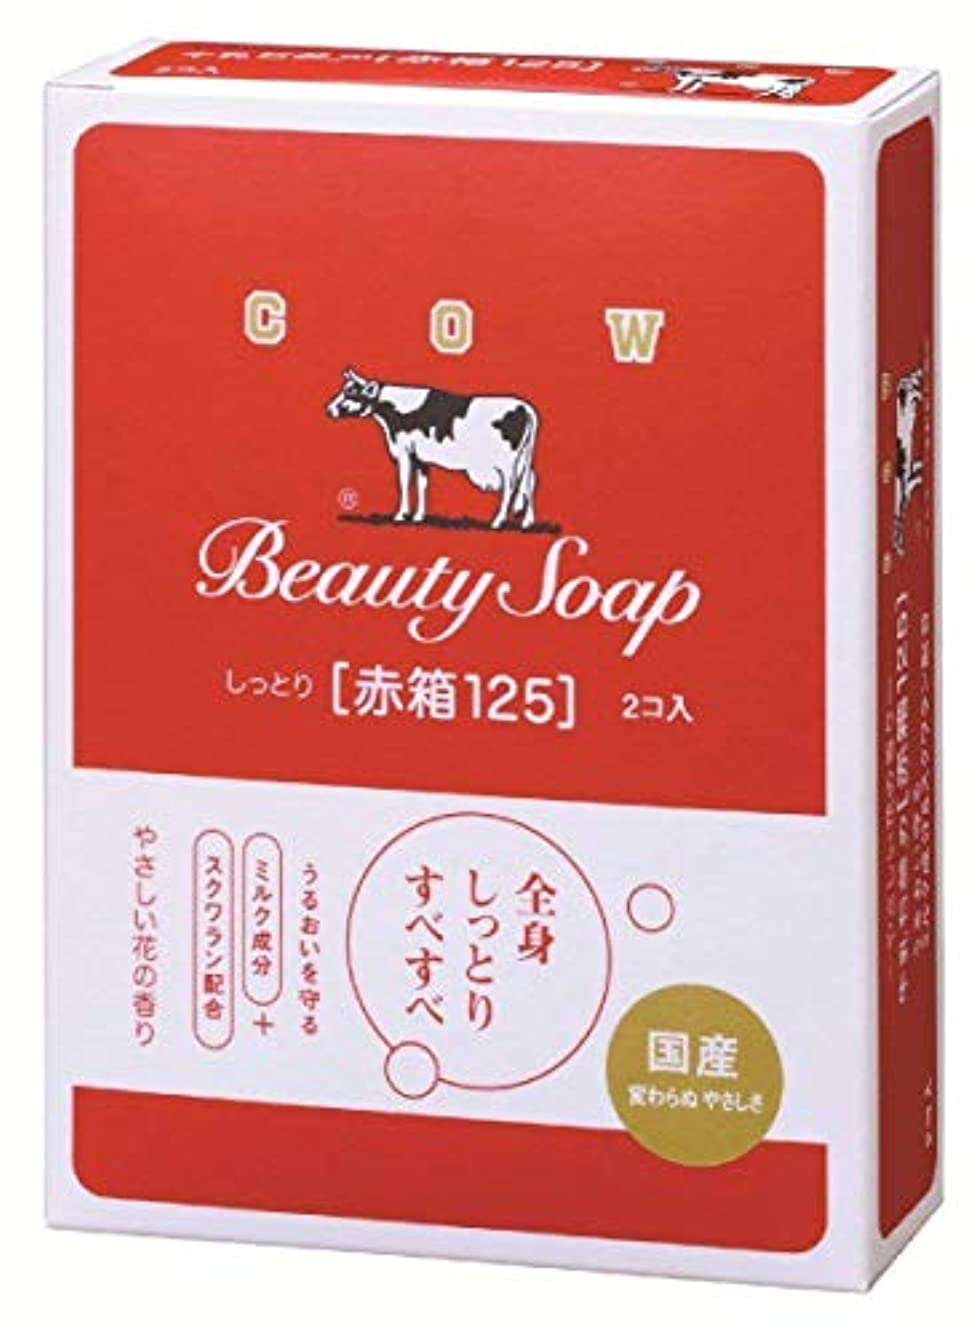 細胞ラフトニュース牛乳石鹸共進社 カウブランド 赤箱 125g×2コ入り×3個